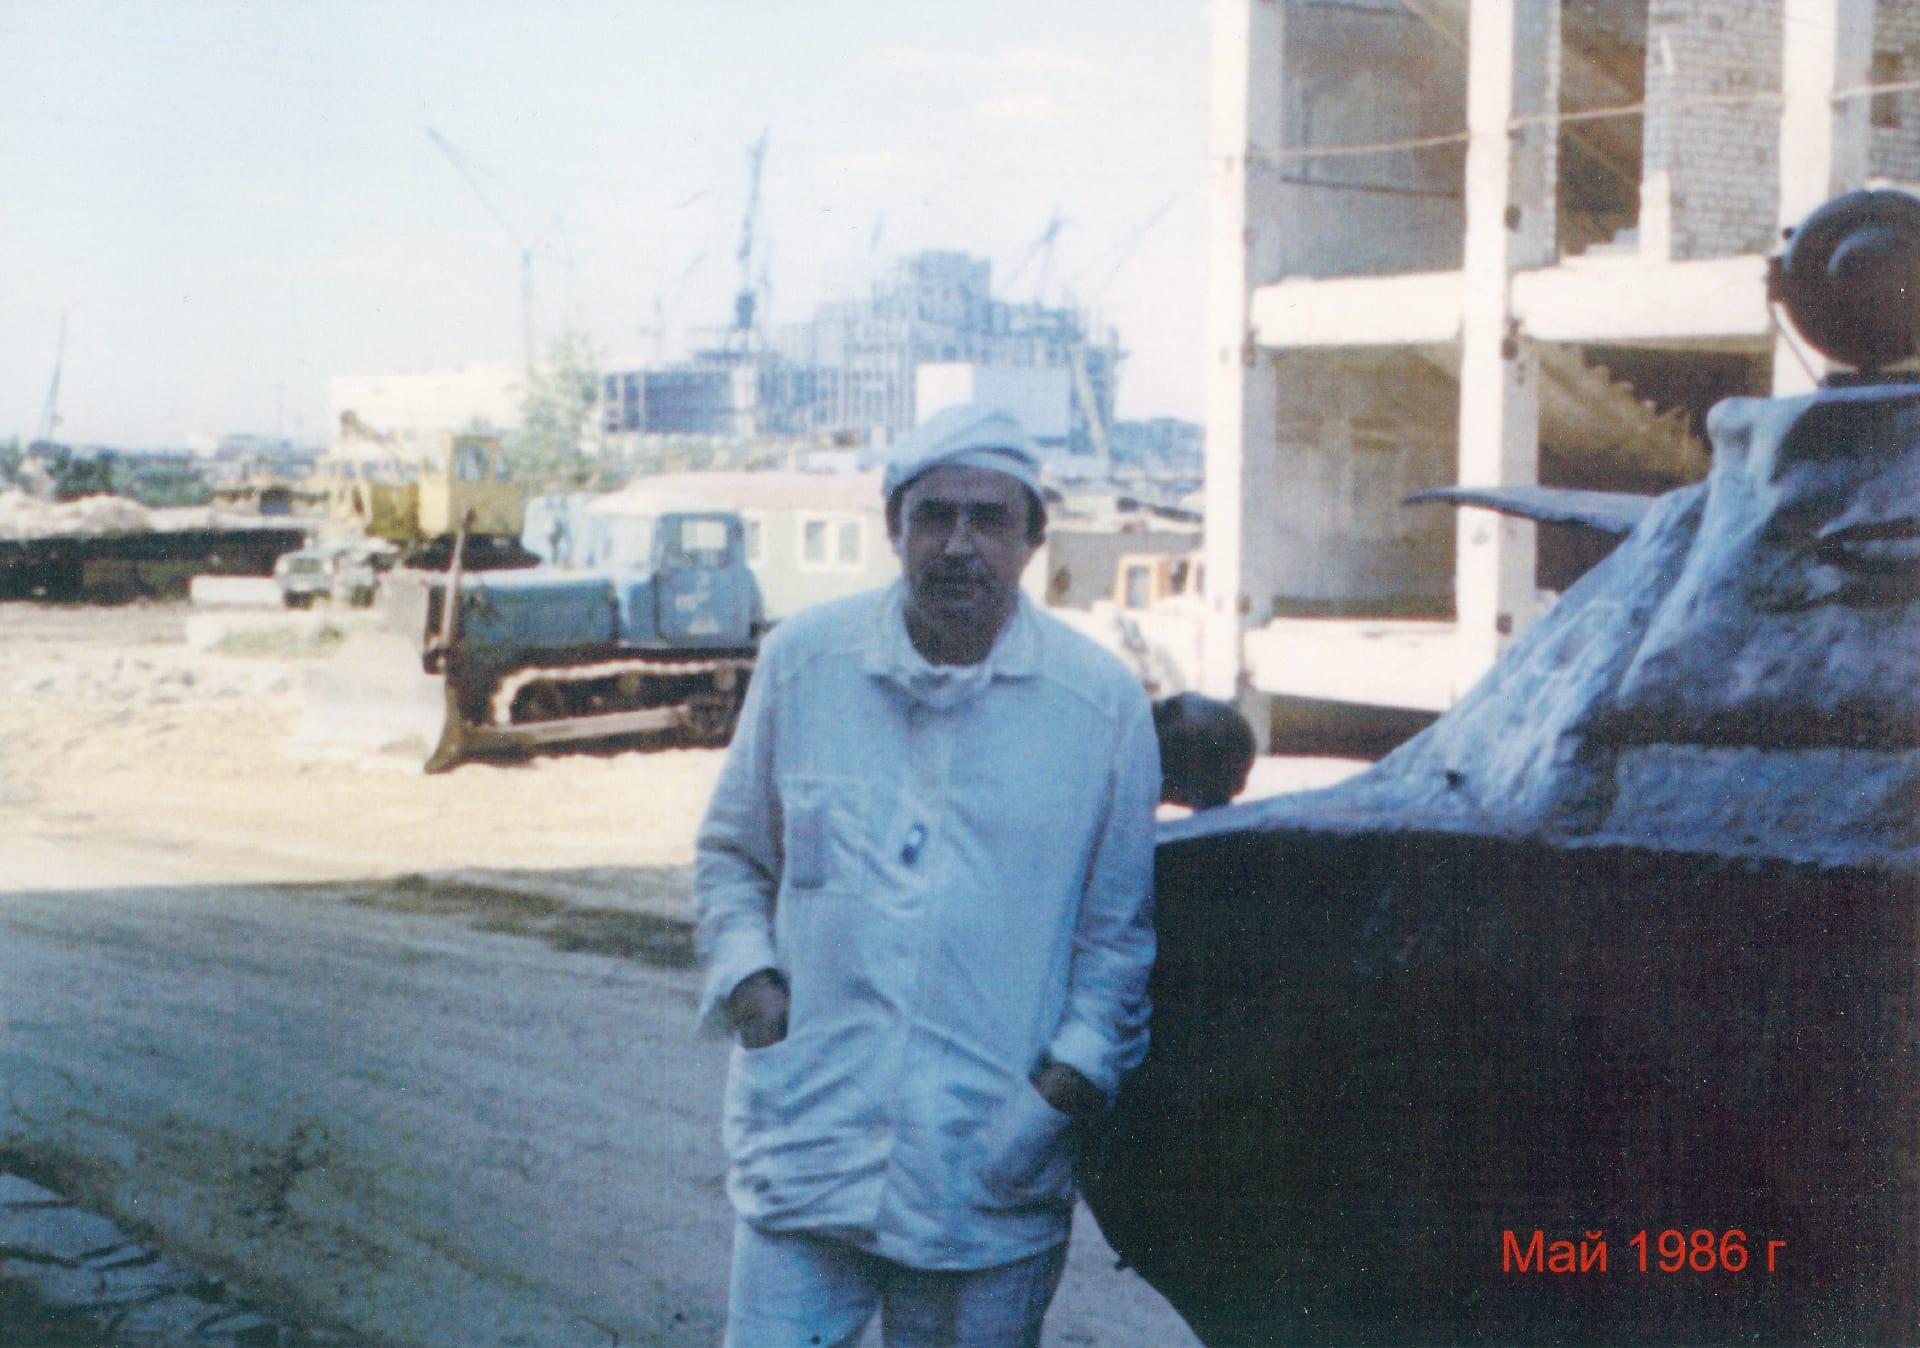 Экспонат #9. Владимир Синельников. ЧАЭС. Май 1986 года